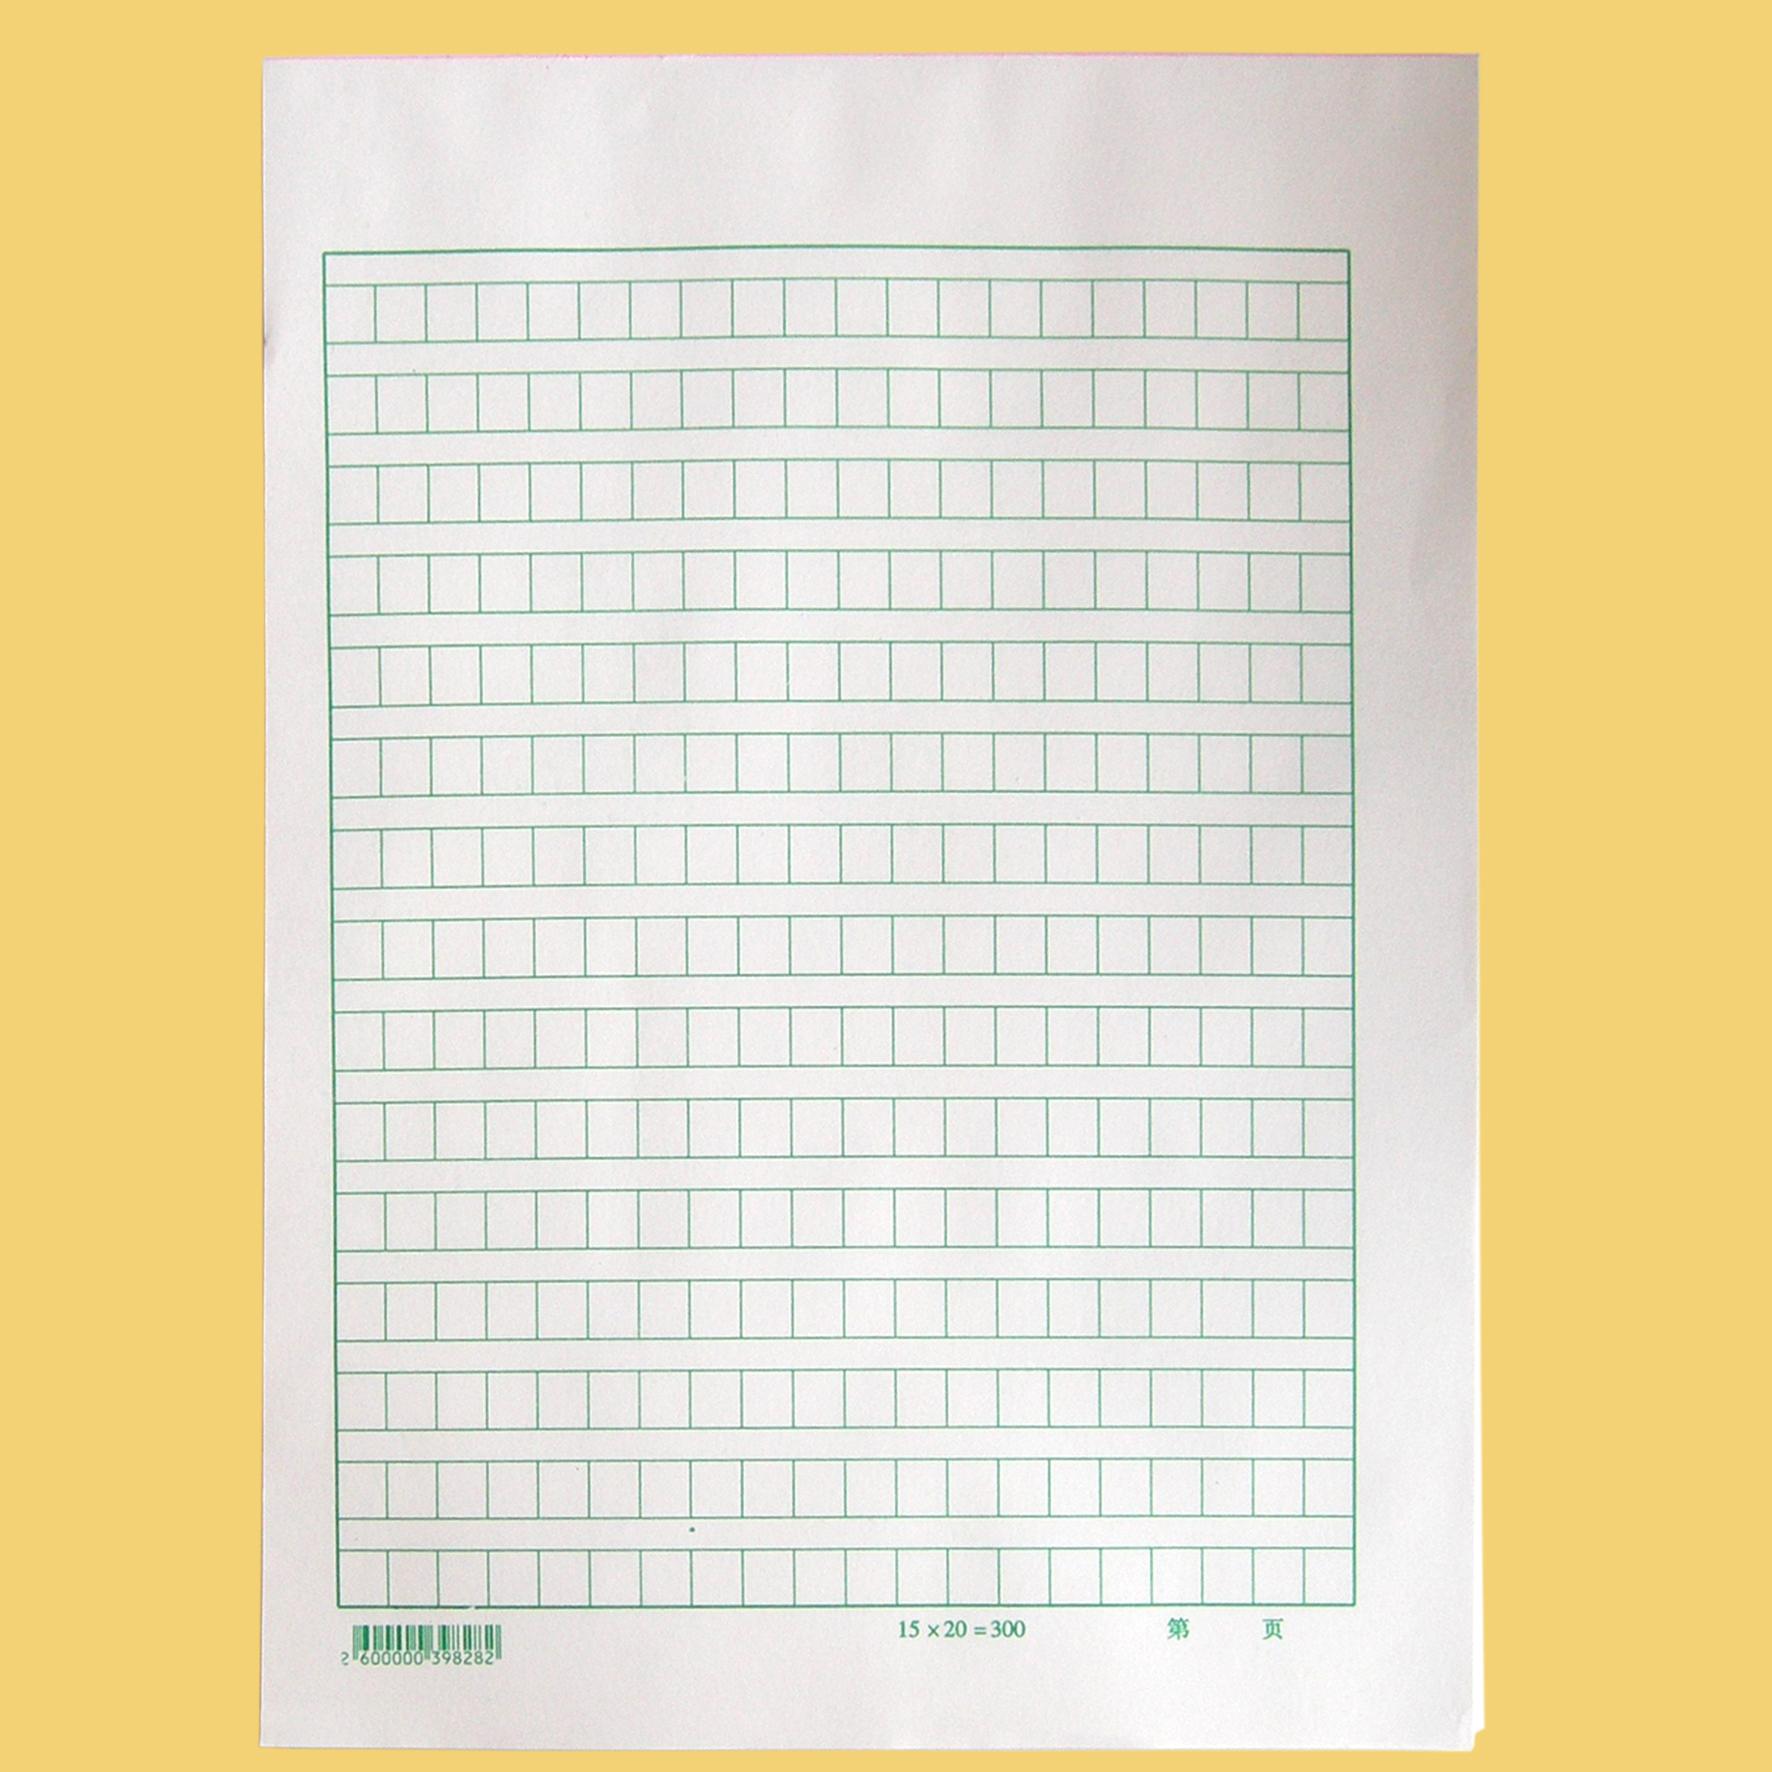 大王方格稿纸 _信纸信封稿纸_薄本及信封_办公用品_快乐铅笔头; 方格